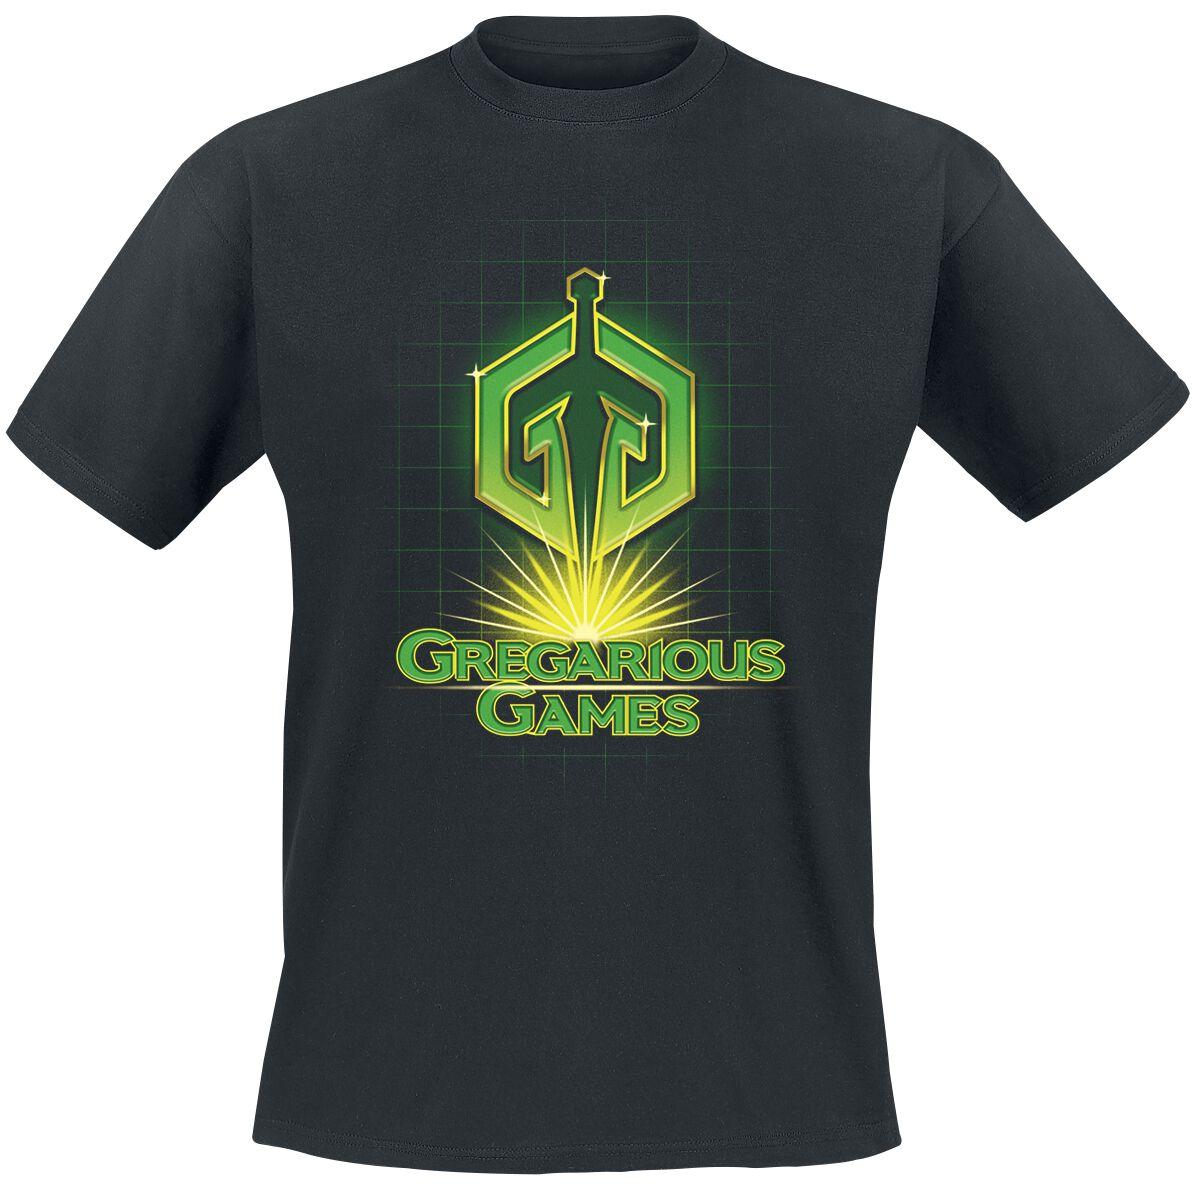 Ready Player One Gregarious Games Camiseta Negro